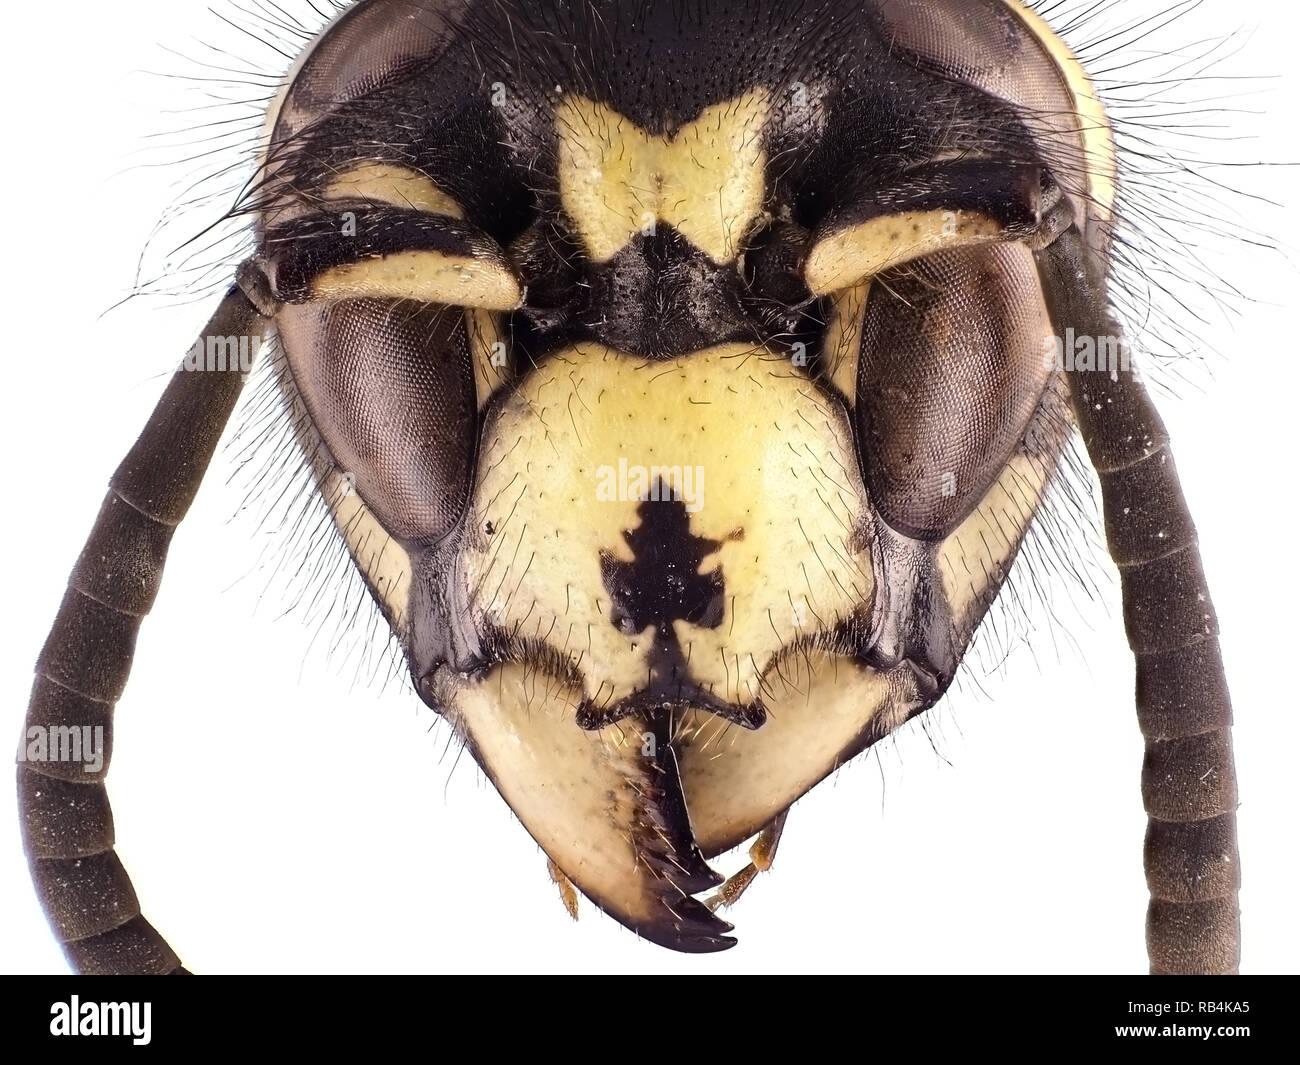 Extreme macro shot (micrograph) of a wasp (Vespula sp.) head - Stock Image